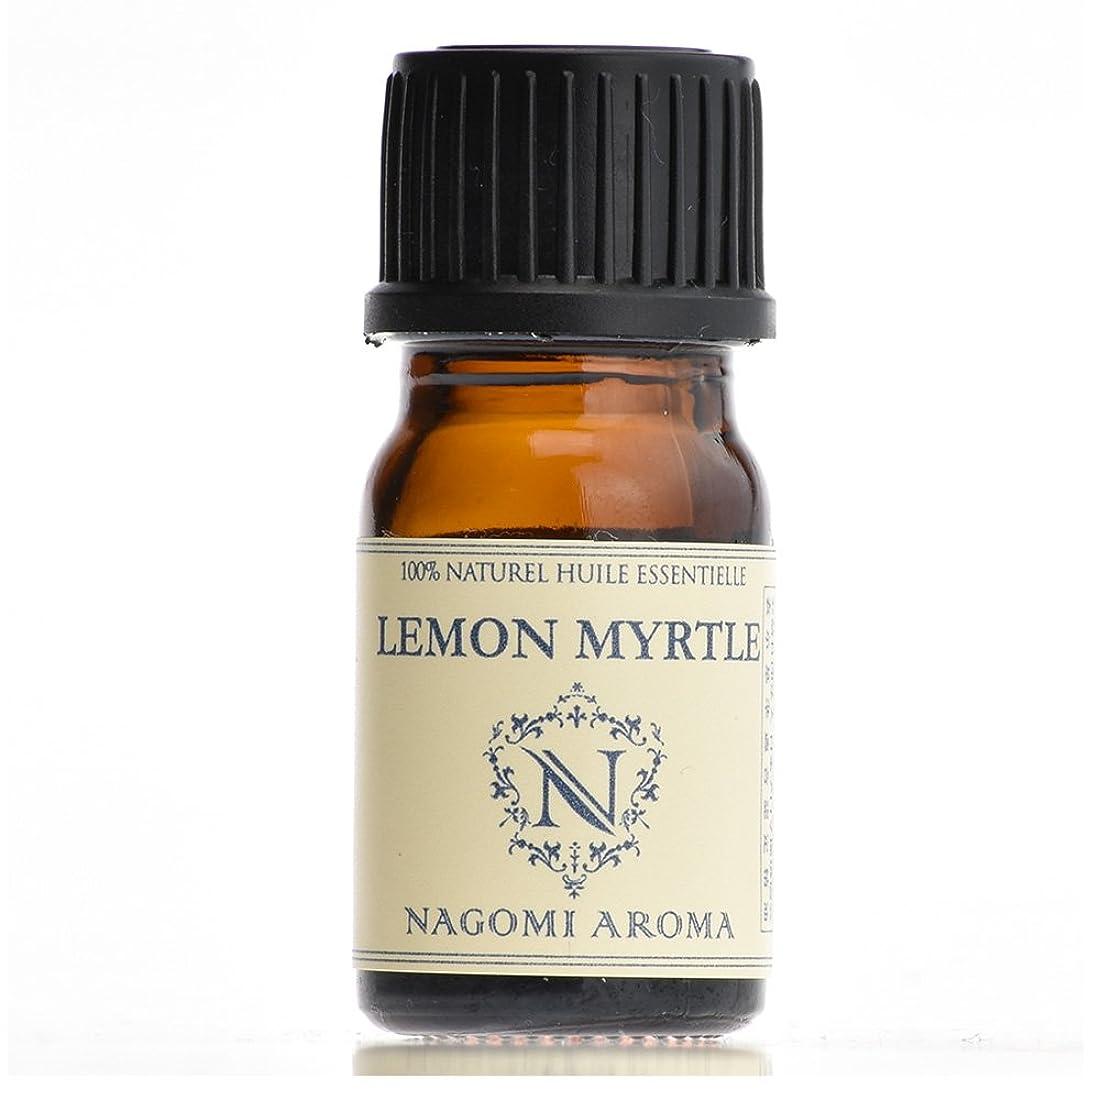 廊下バンドルひそかに【AEAJ認定表示基準認定精油】NAGOMI PURE レモンマートル 5ml 【エッセンシャルオイル】【精油】【アロマオイル】|CONVOILs